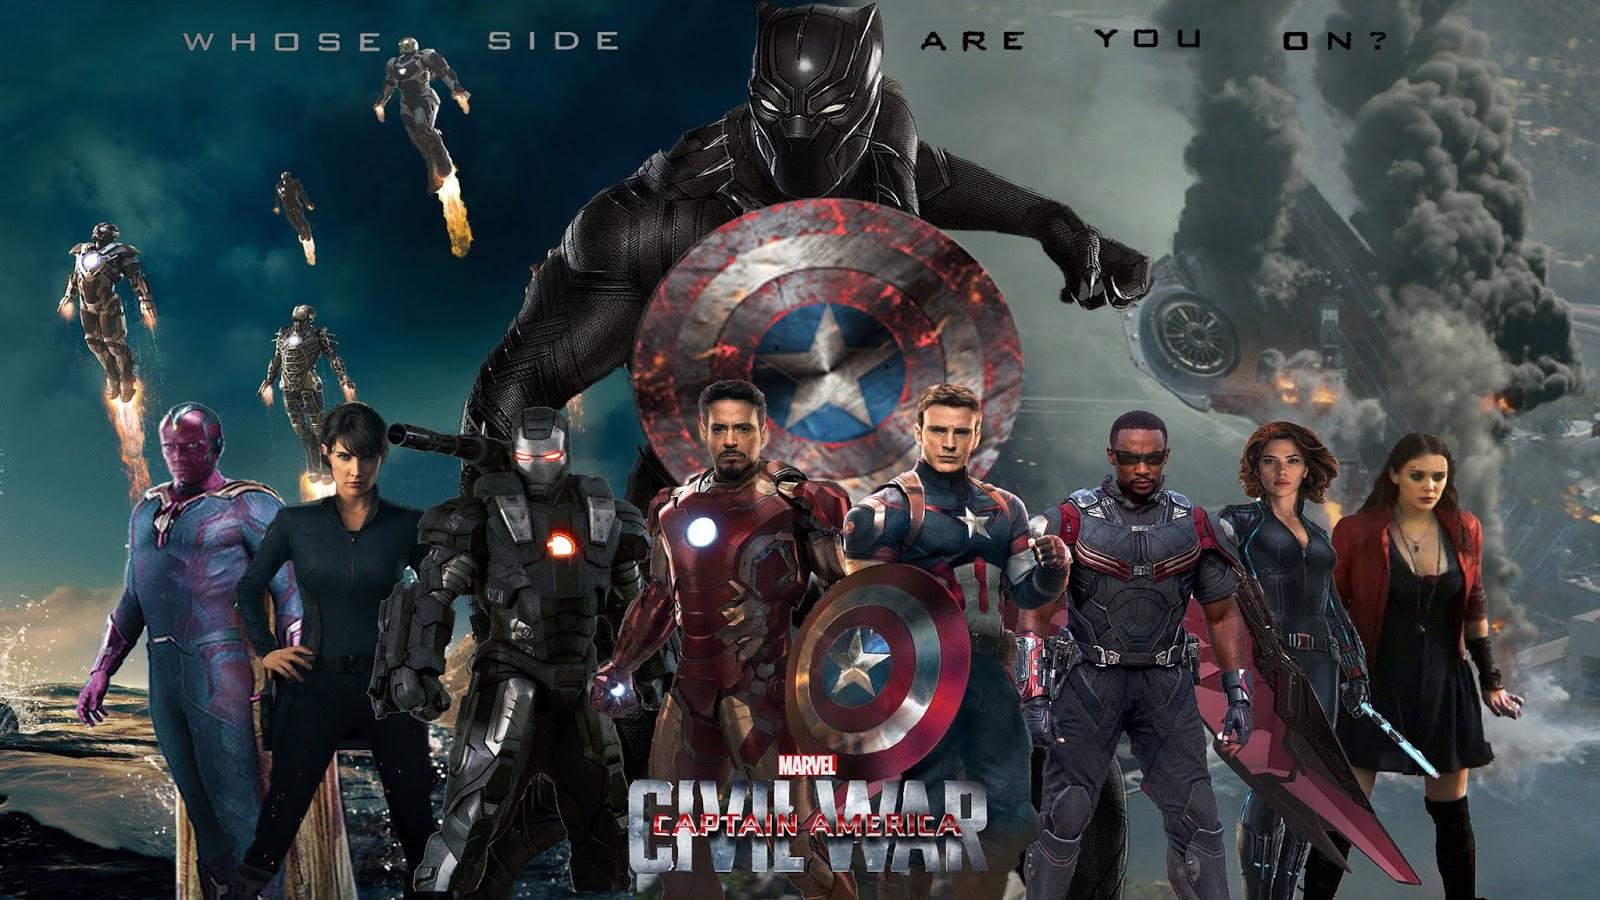 Civil em hd 1080p Download Captain America Civil War movie wallpapers 1600x900